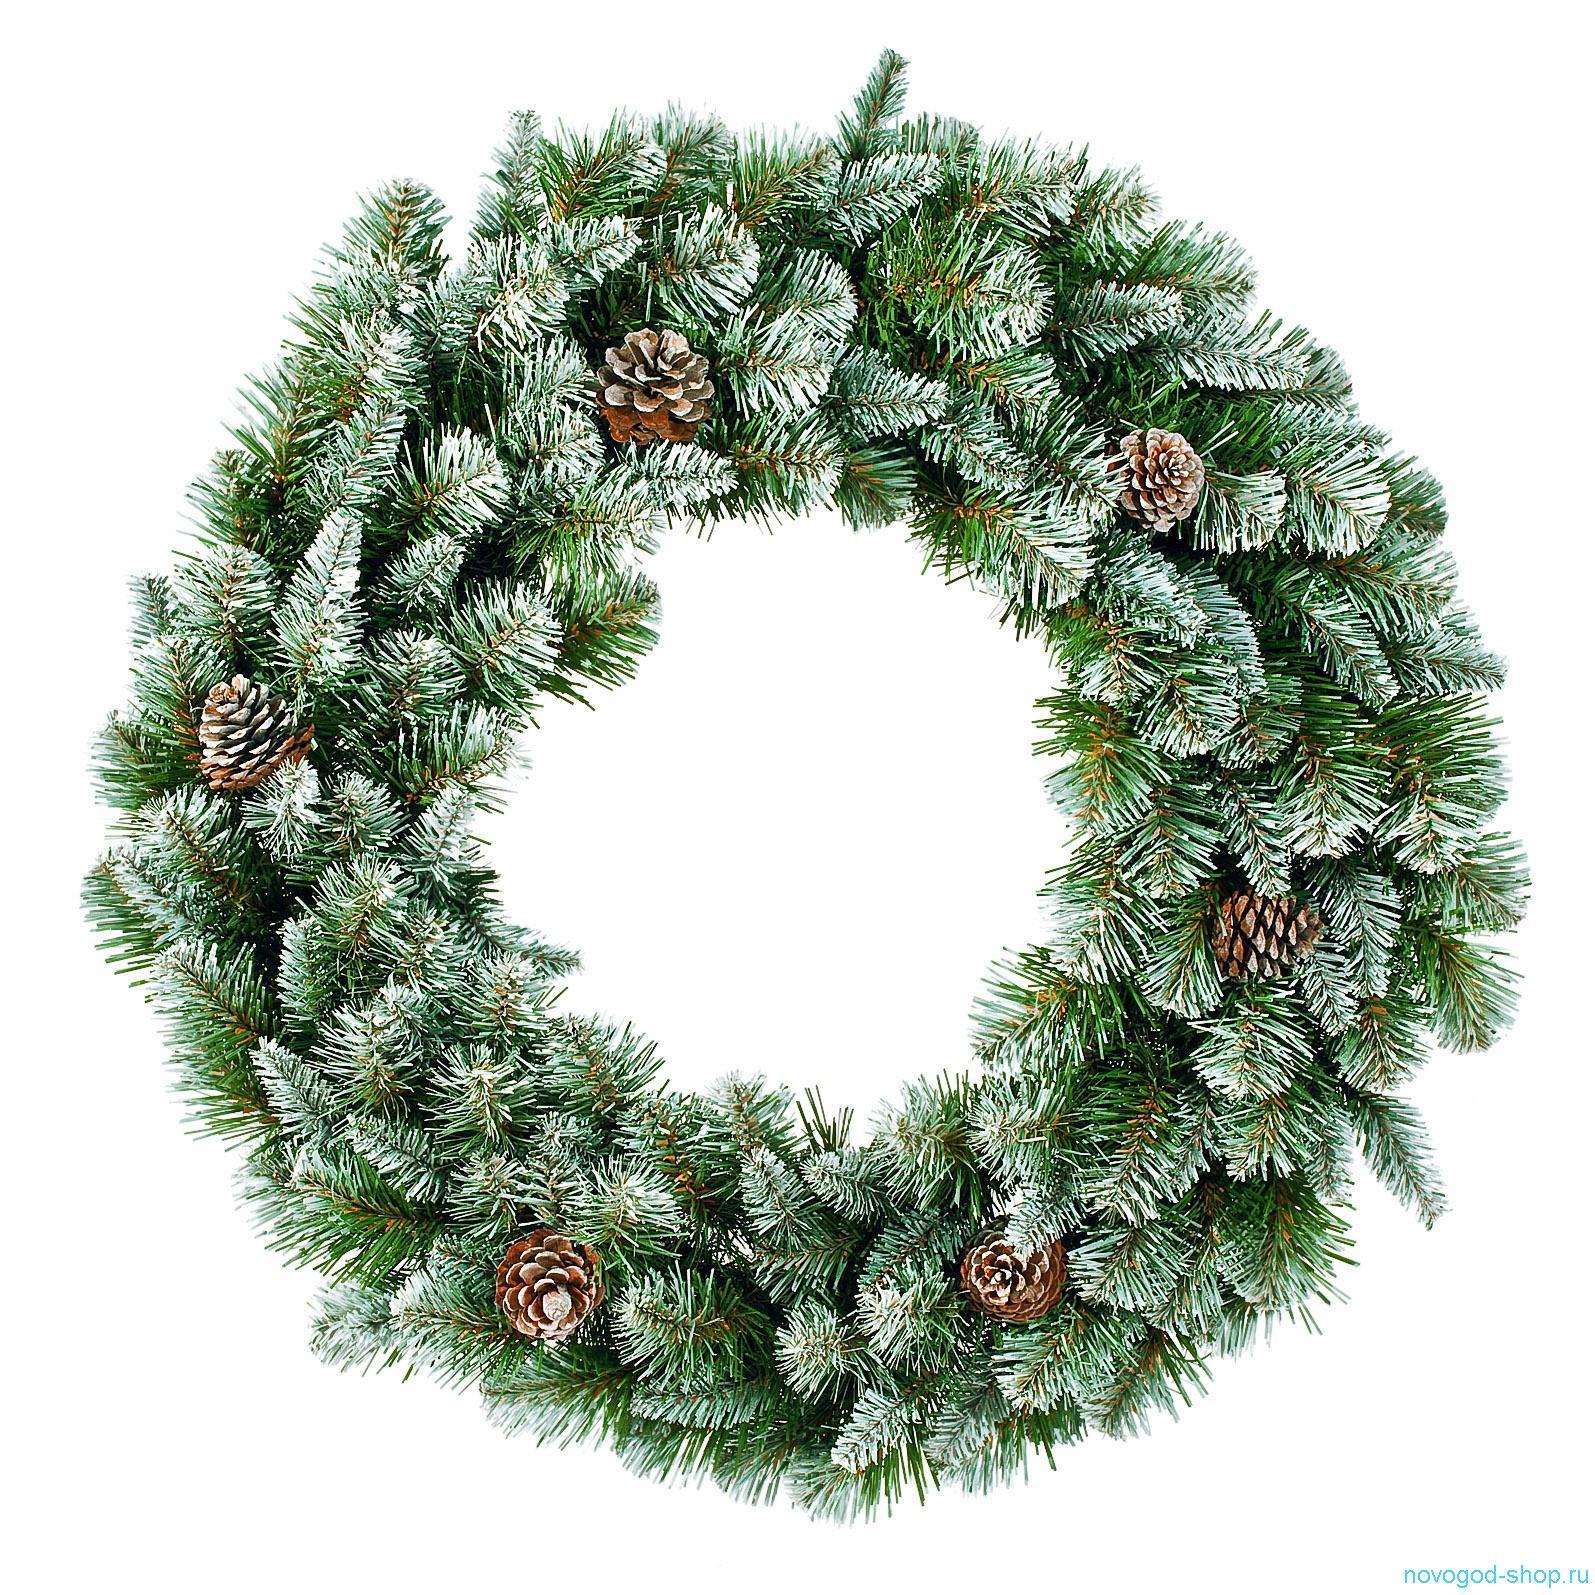 Как сделать новогодний венок из елки своими